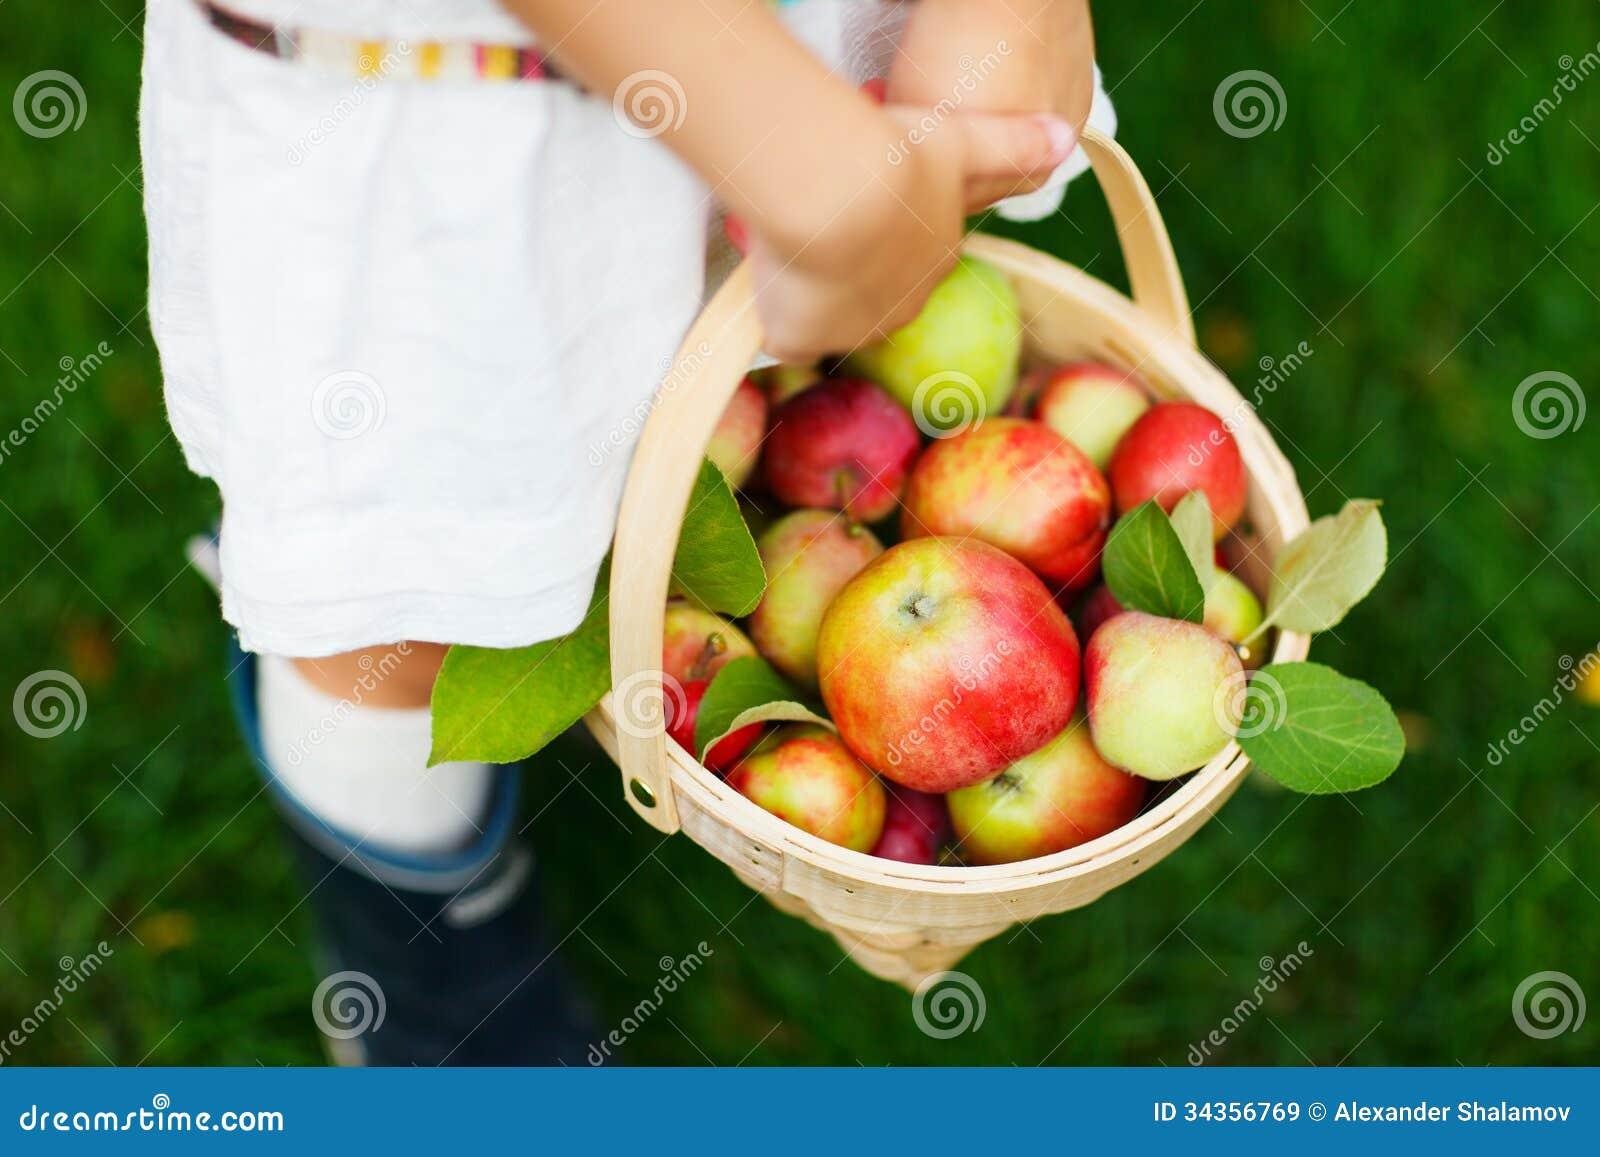 Organische Äpfel in einem Korb